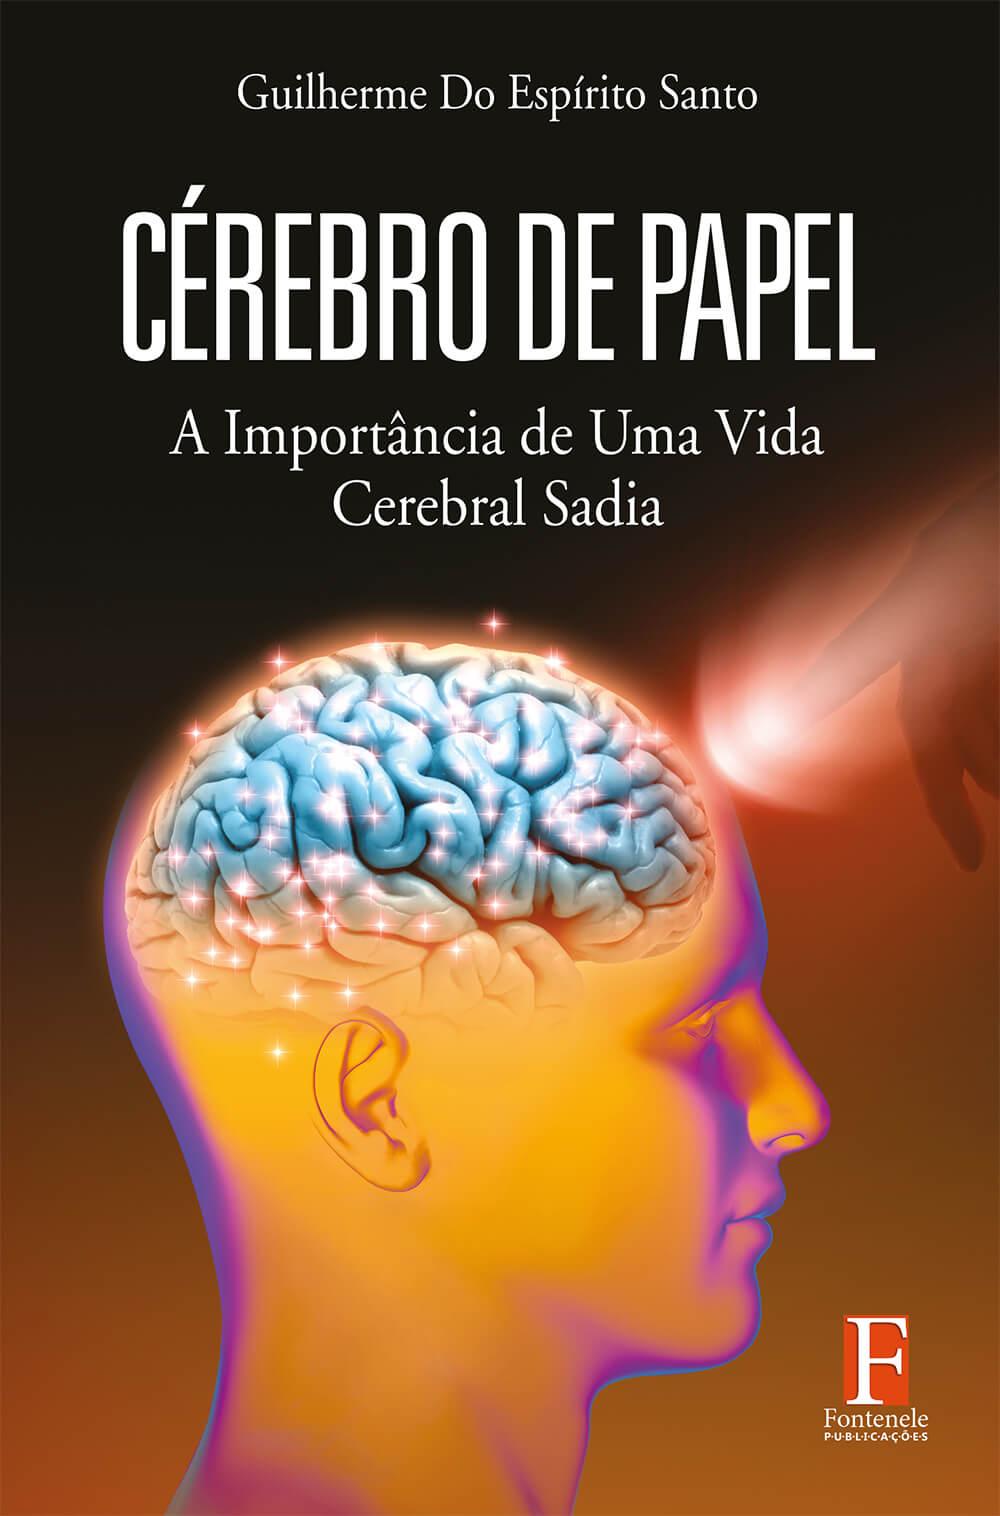 Fontenele Publicações / 11 95150-3481 / 11  95150-4383 CÉREBRO DE PAPEL: a importância de uma vida cerebral sadia